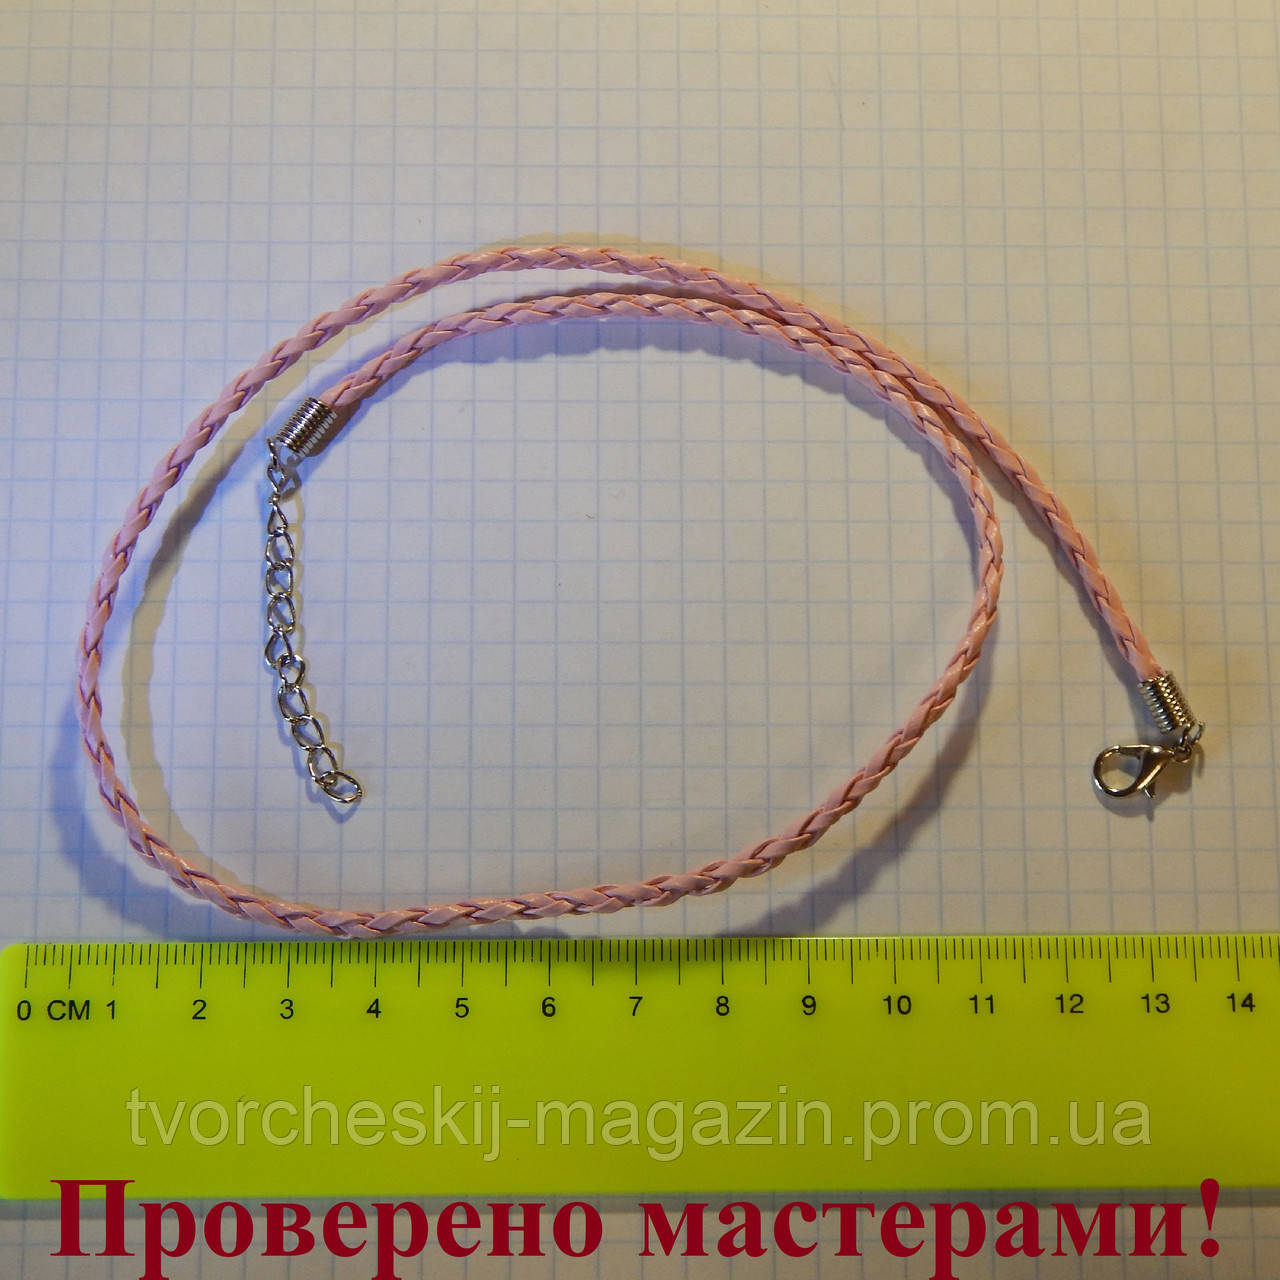 Плетеный шнур 3 мм с застежкой и удлинителем, 45 см, цвет светло розовый